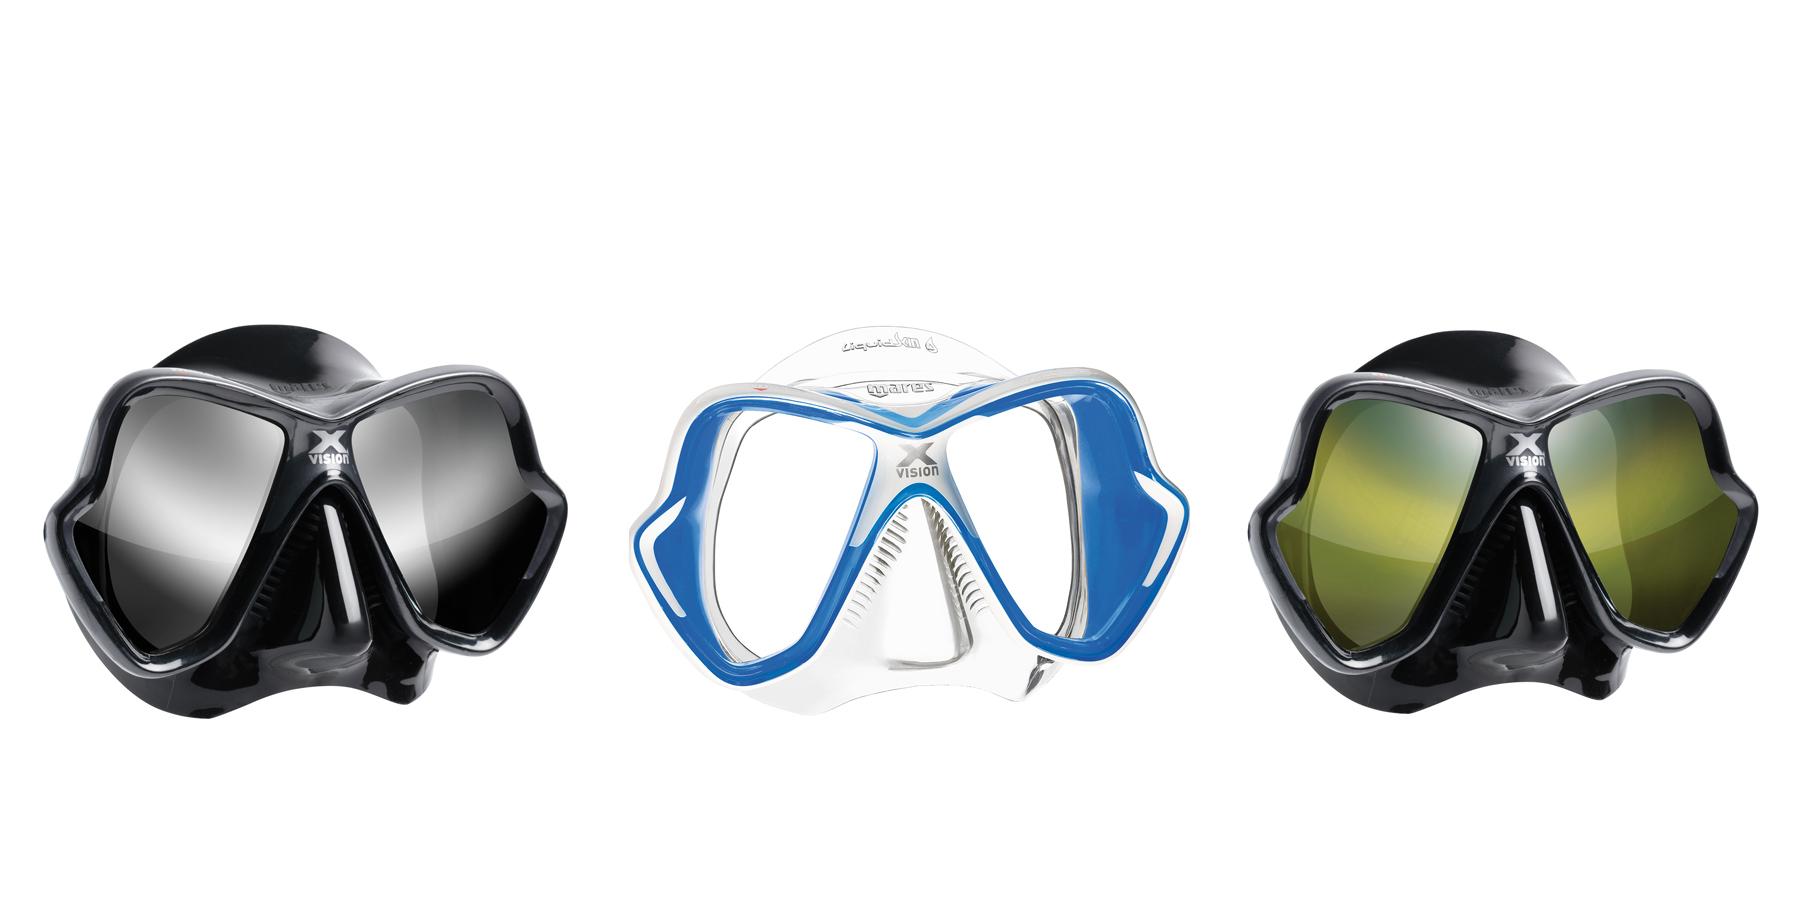 xvision - Nouveau silicone 'ultra clear' pour le X-Vision